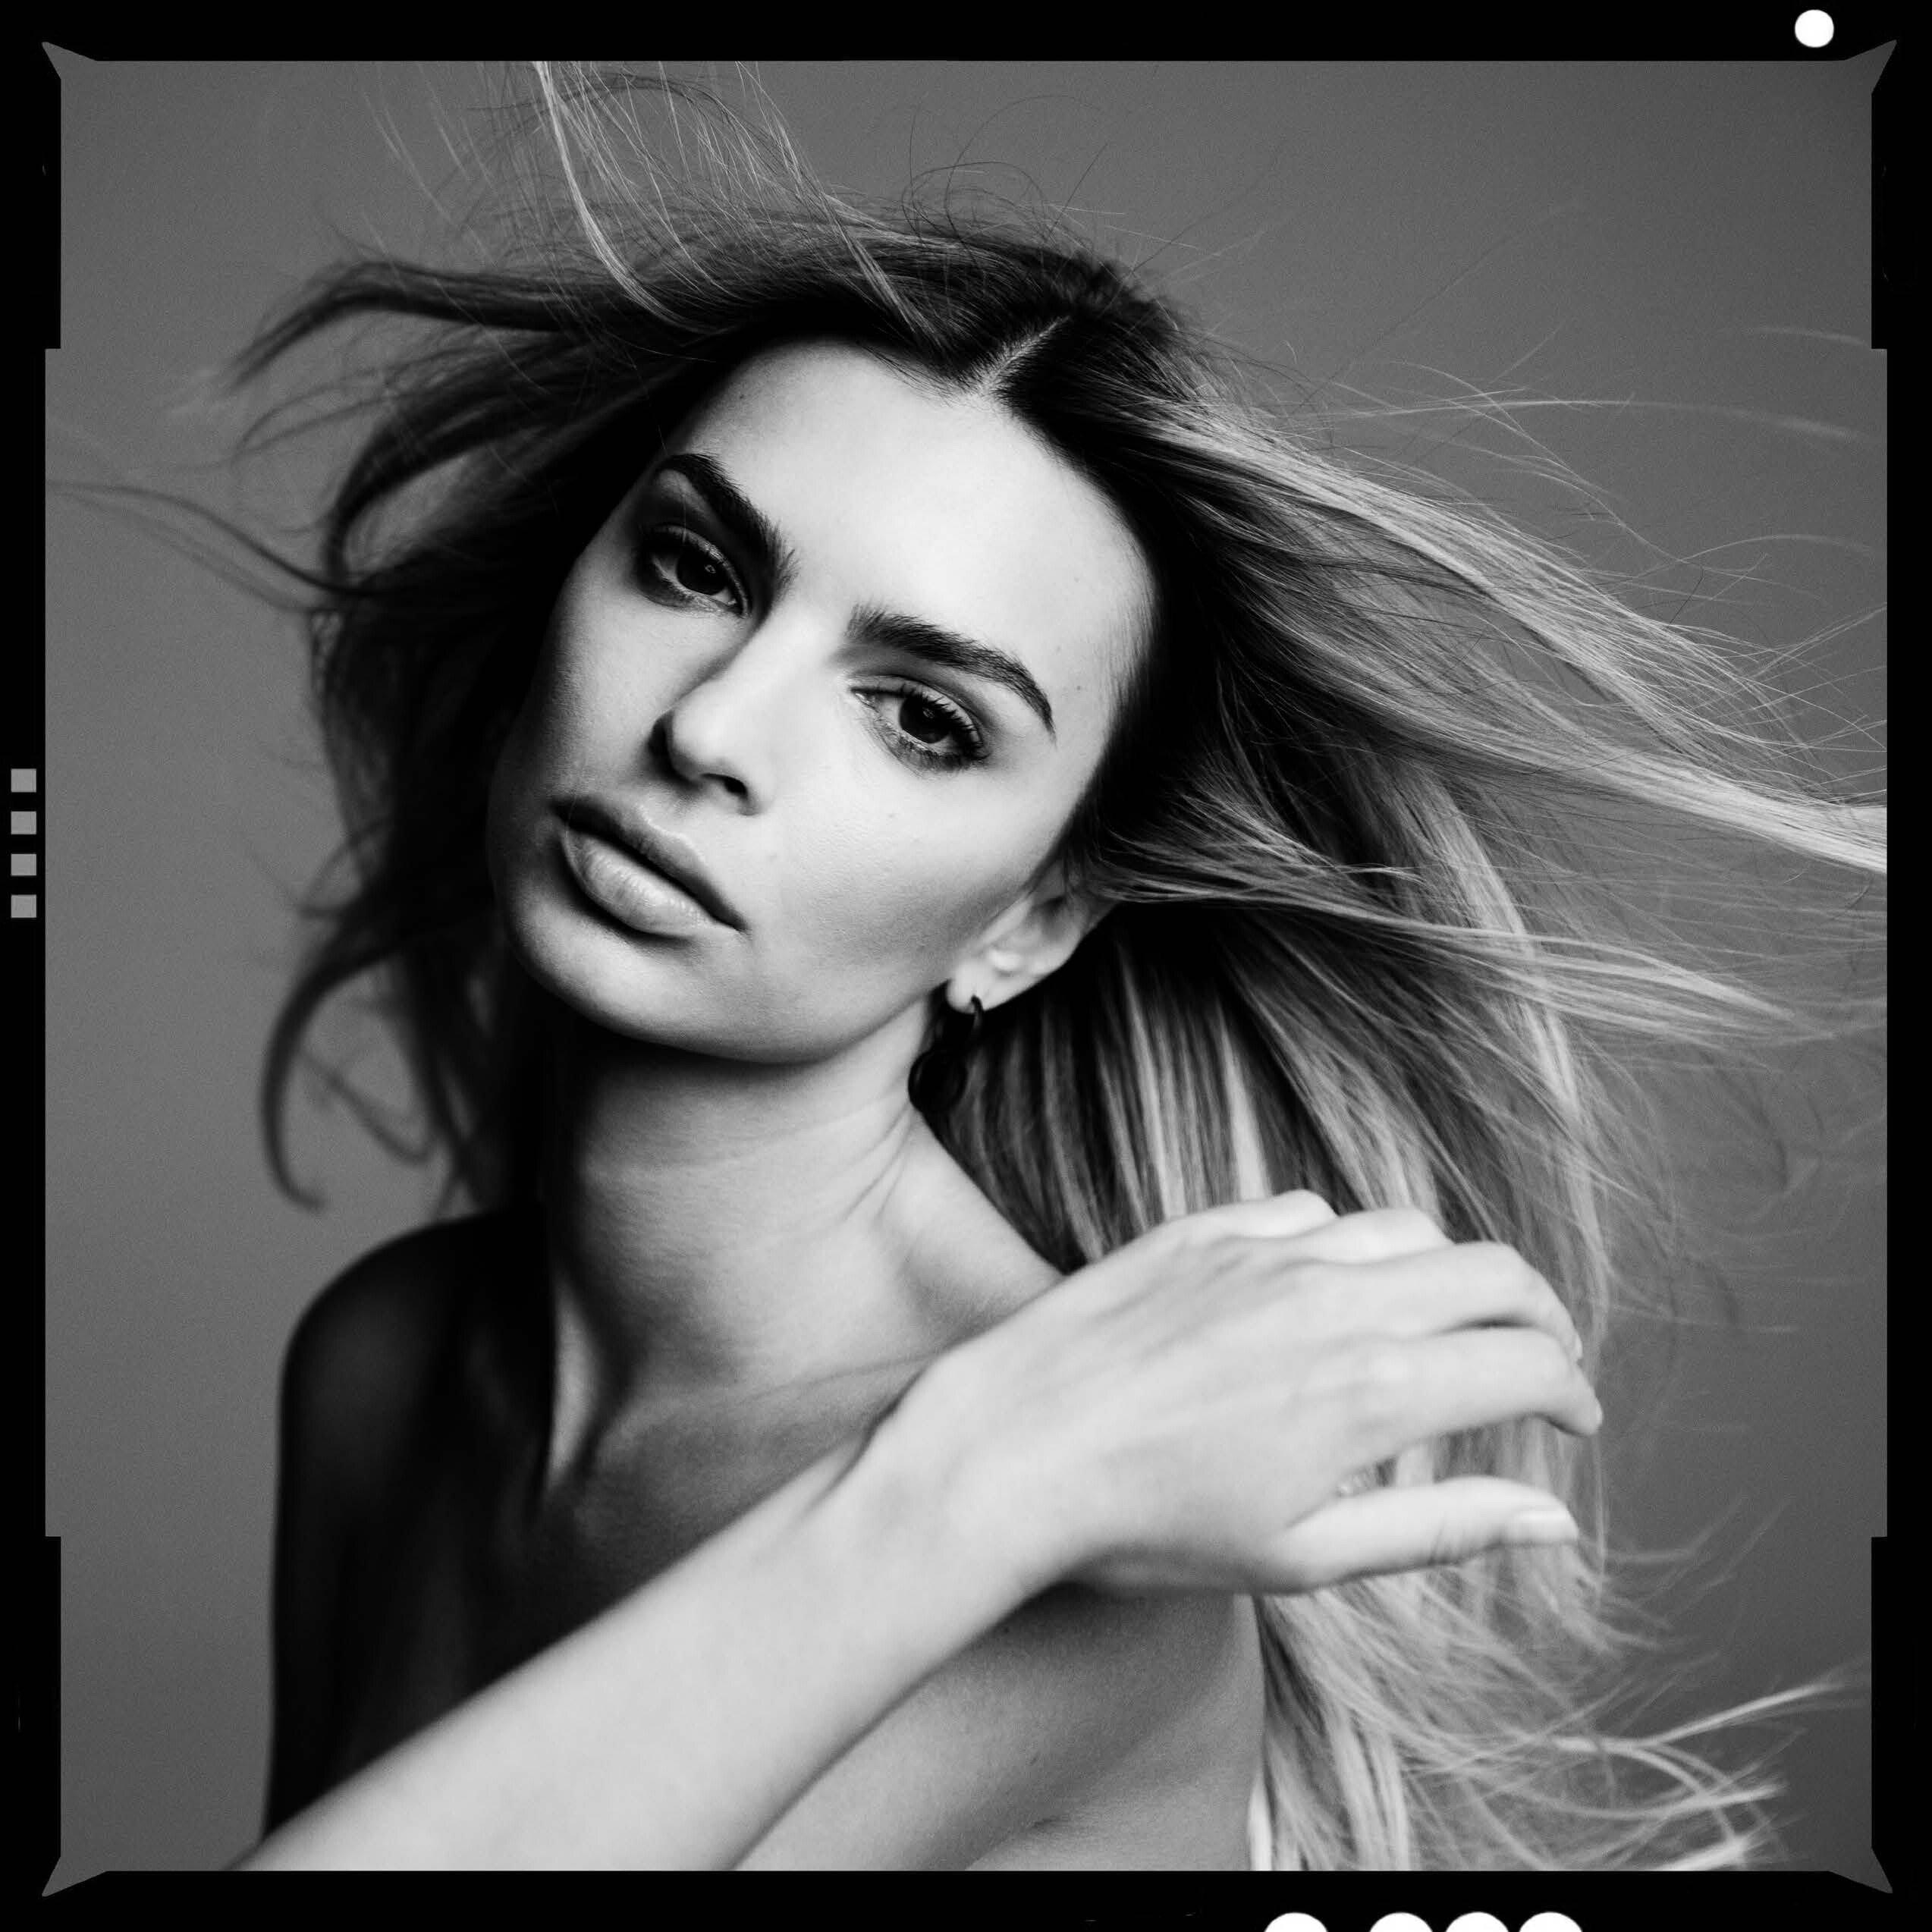 Emily Ratajkowski by Inez & Vinoodh for V Magazine